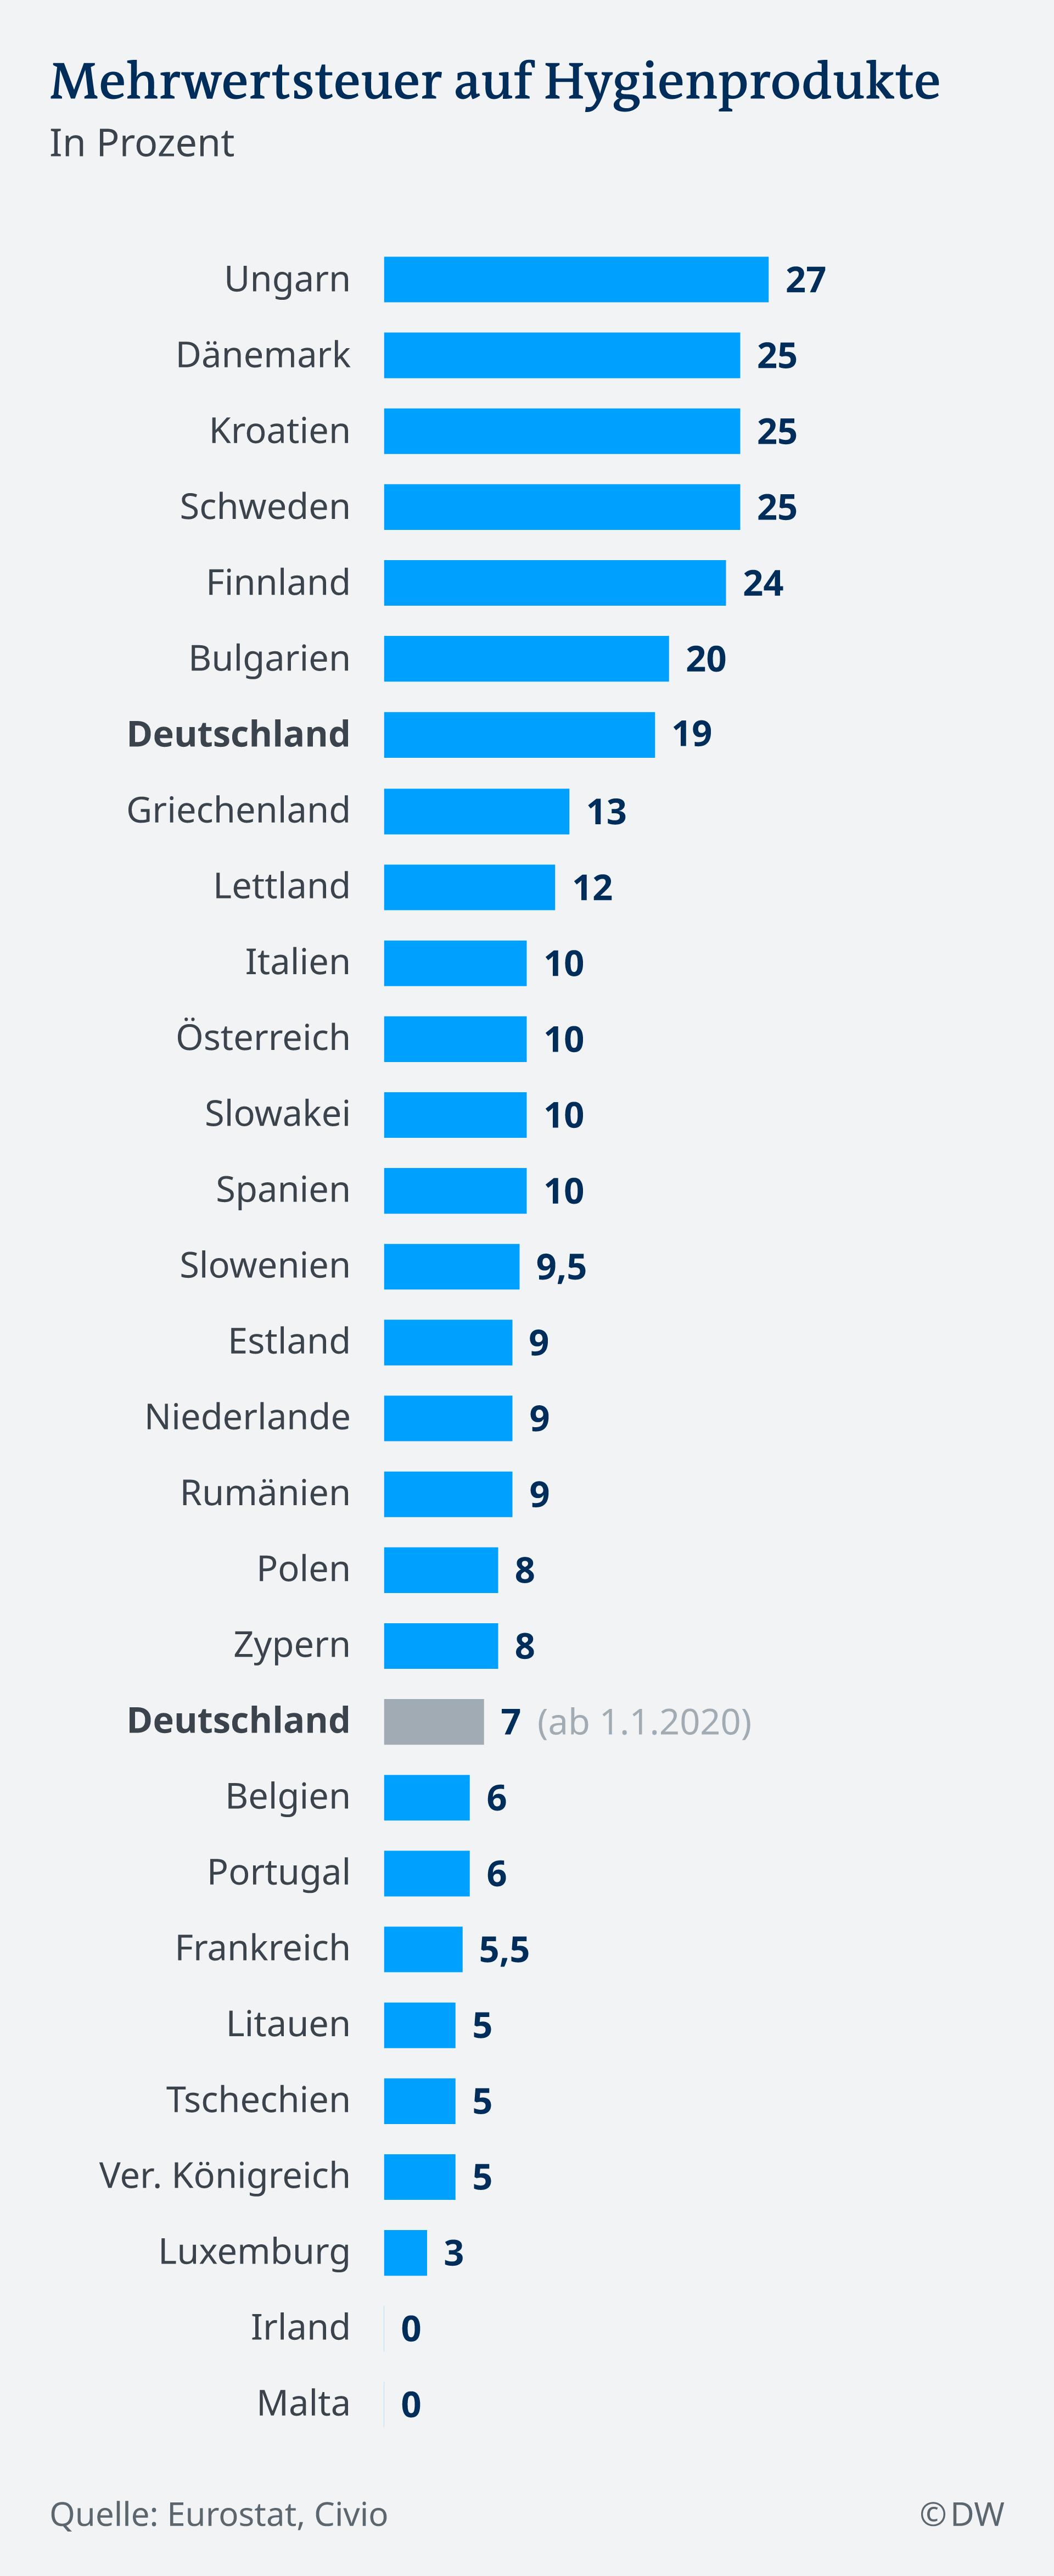 Infografik Mehrwertsteuer Hygienprodukte DE